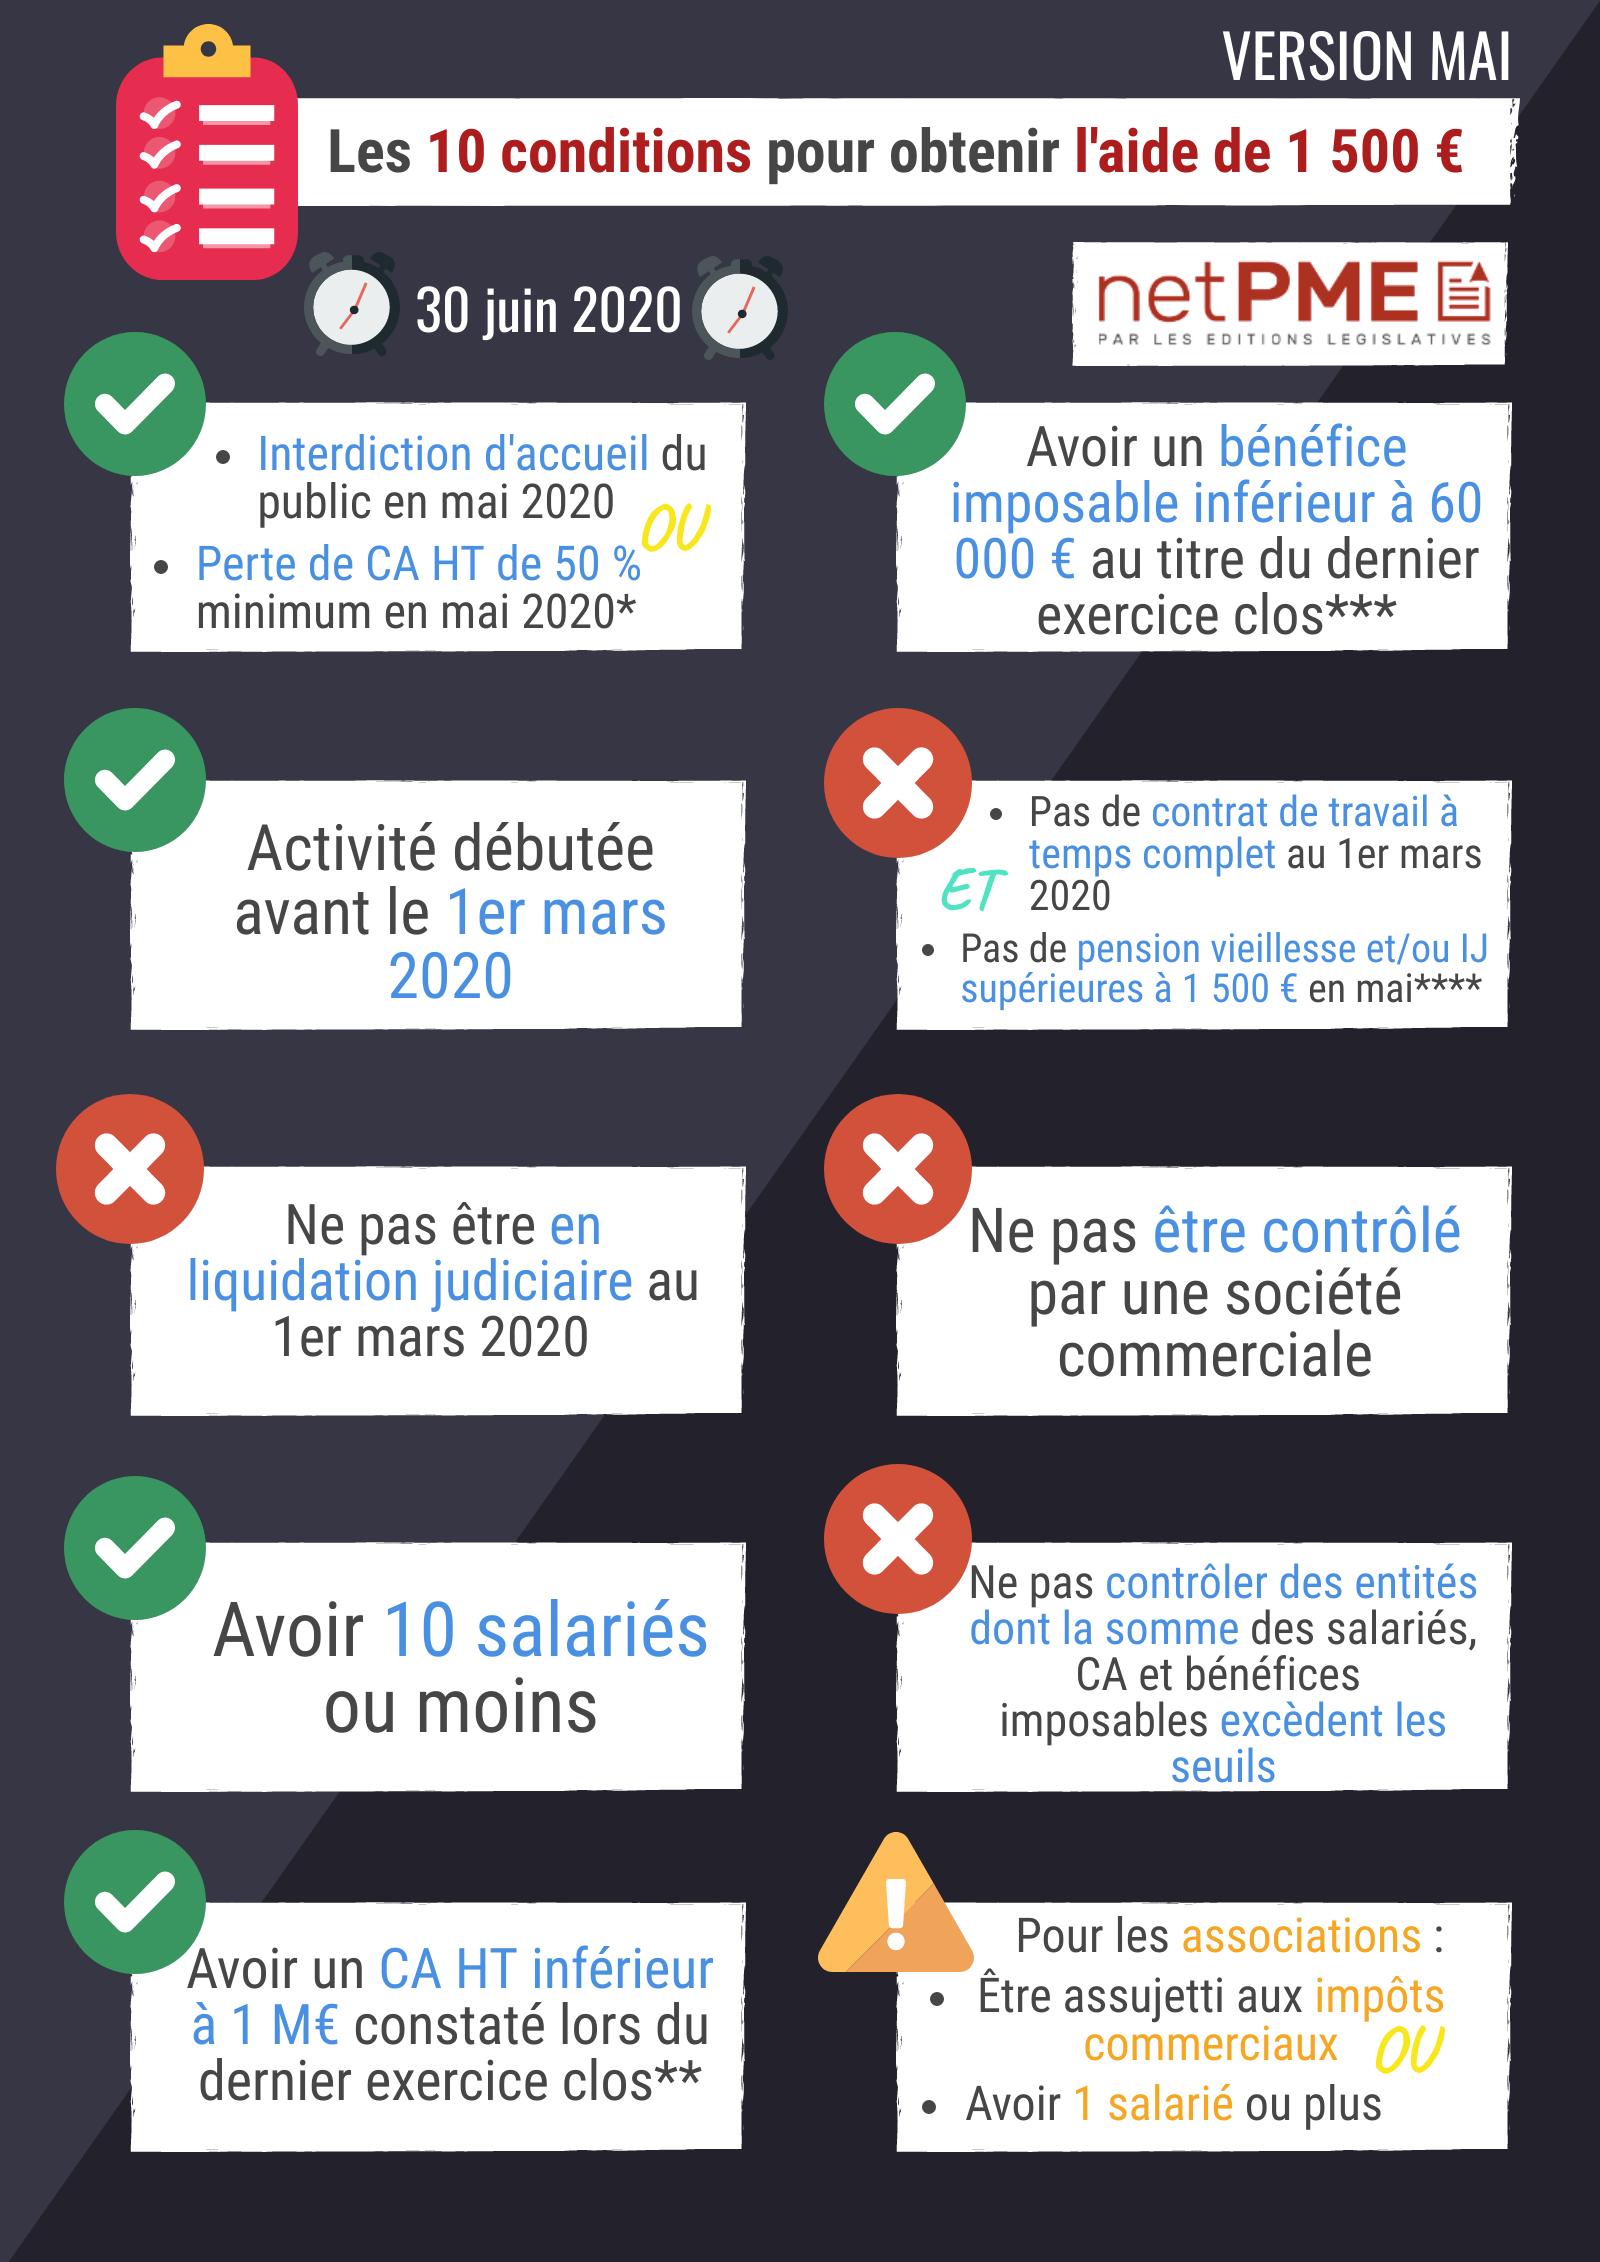 fonds de solidarité première aide premier volet mai netpme.fr 2